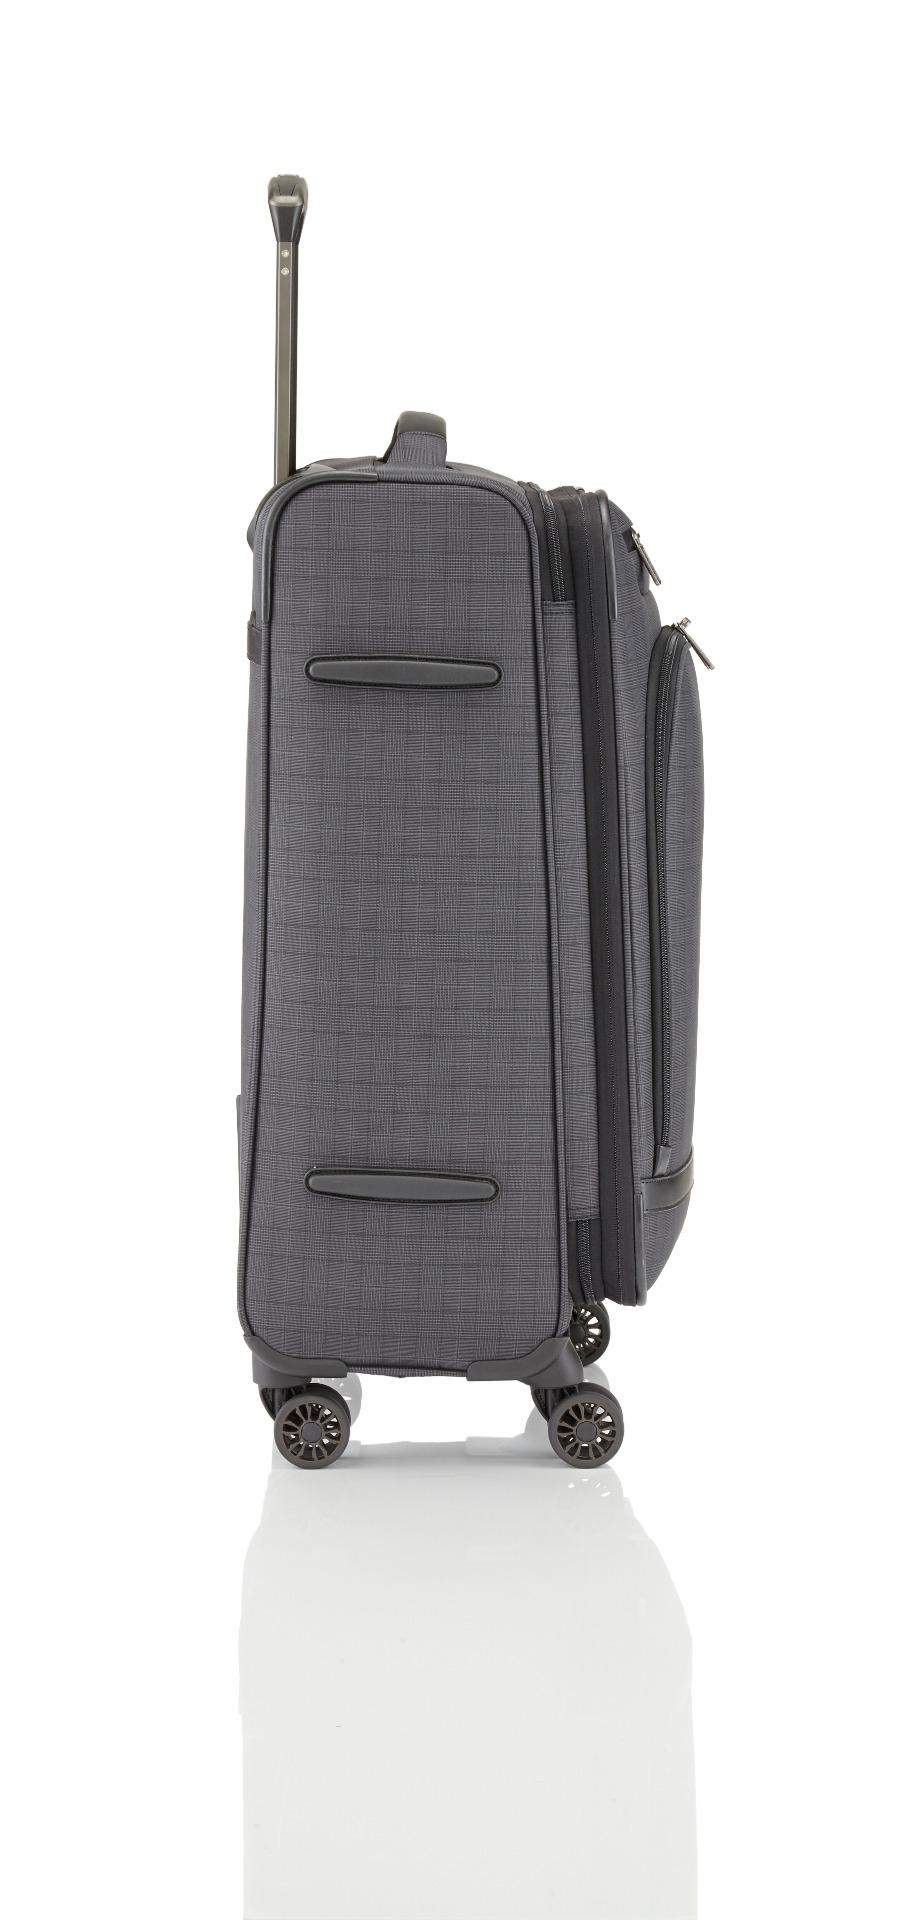 Titan CEO 4w M Glencheck Čaká vás náročná pracovná cesta, pri ktorej potrebujete mať po svojom boku spoľahlivú batožinu, ktorá bude reprezentatívna, elegantná a nenápadná zároveň?  - štyri tiché dvojkolieska - odľahčená výsuvná rukoväť s aretačným tlačidlom na madle - integrovaný vnorený TSA zámok - predné vrecko s polstrovanou priehradkou na 15 '' notebook a tablet - malé predné vrecko na cennosti - vnútorný priestor vybavený kompresnými popruhmi - špeciálny deliaca priečka s vreckami - oddelená priehradka na košele s fixačnými popruhmi vo vnútornom veku - rad vnútorných kapsičiek - polstrované madlo - integrovaná menovka - popruh pre ľahké nasunutie na madlo kufra - exkluzívny materiál vyrobený špeciálne pre Titan - predĺžená záruka 3 roky